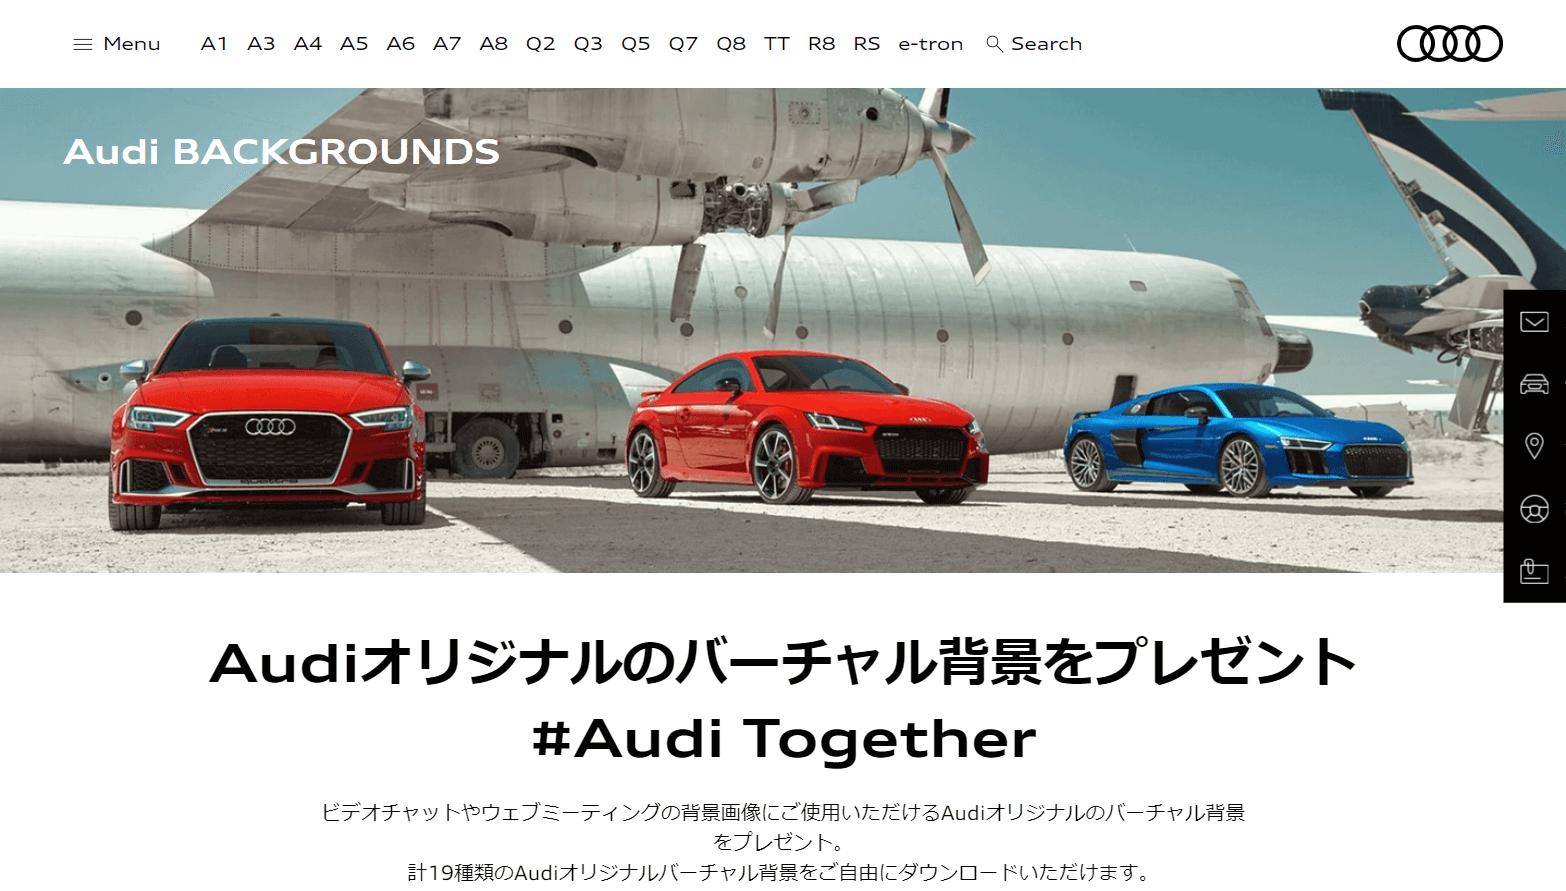 Audiオリジナルのバーチャル背景をプレゼント > プレゼント/イベント > アウディジャパン